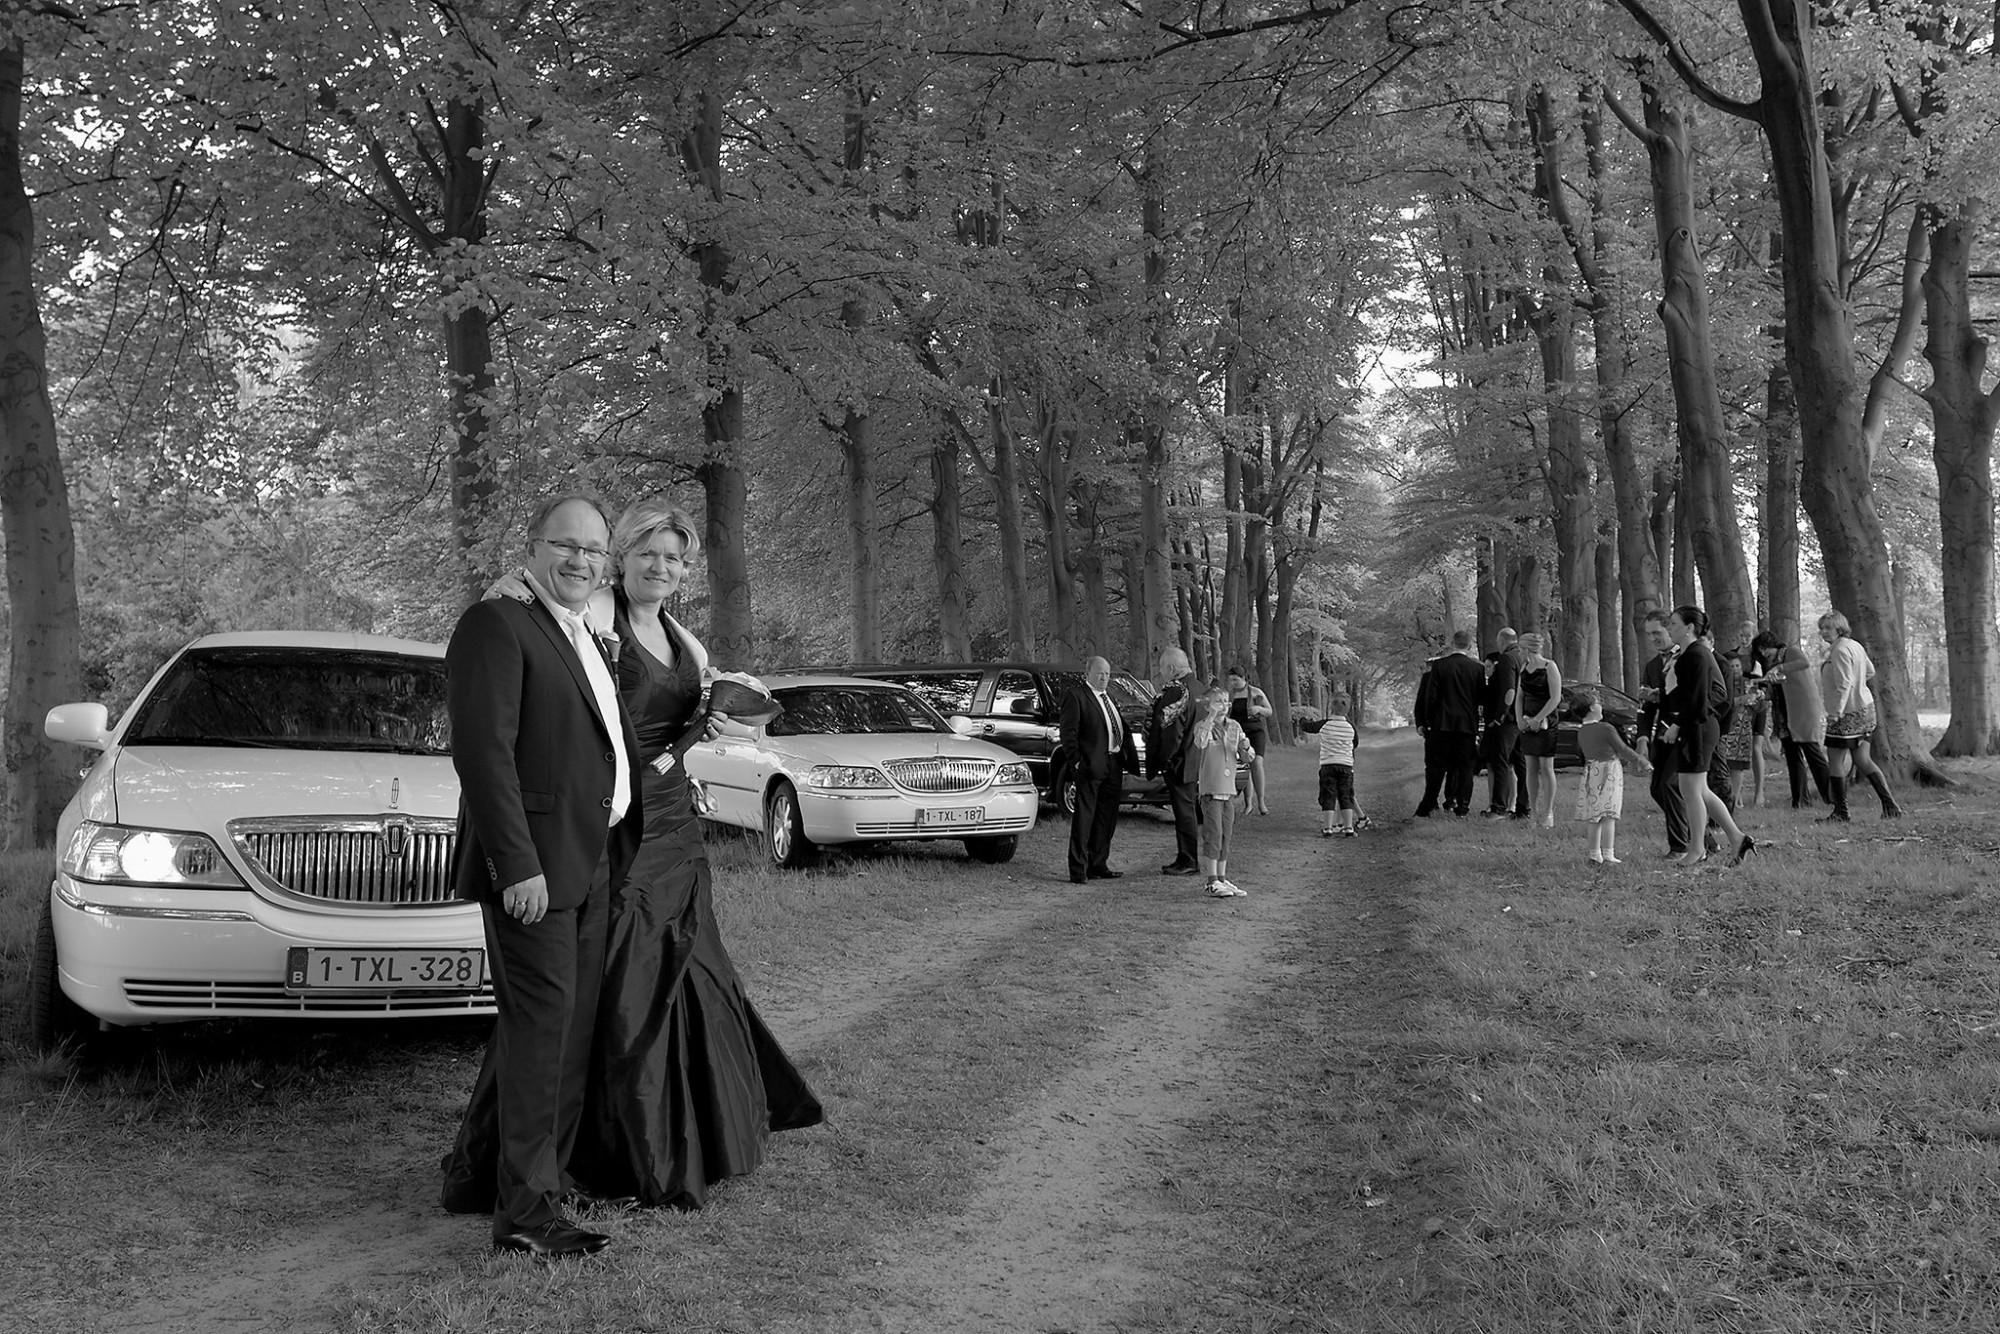 Afbeelding: Huwelijksreportages met stijl, verzamelen voor de familiefoto.